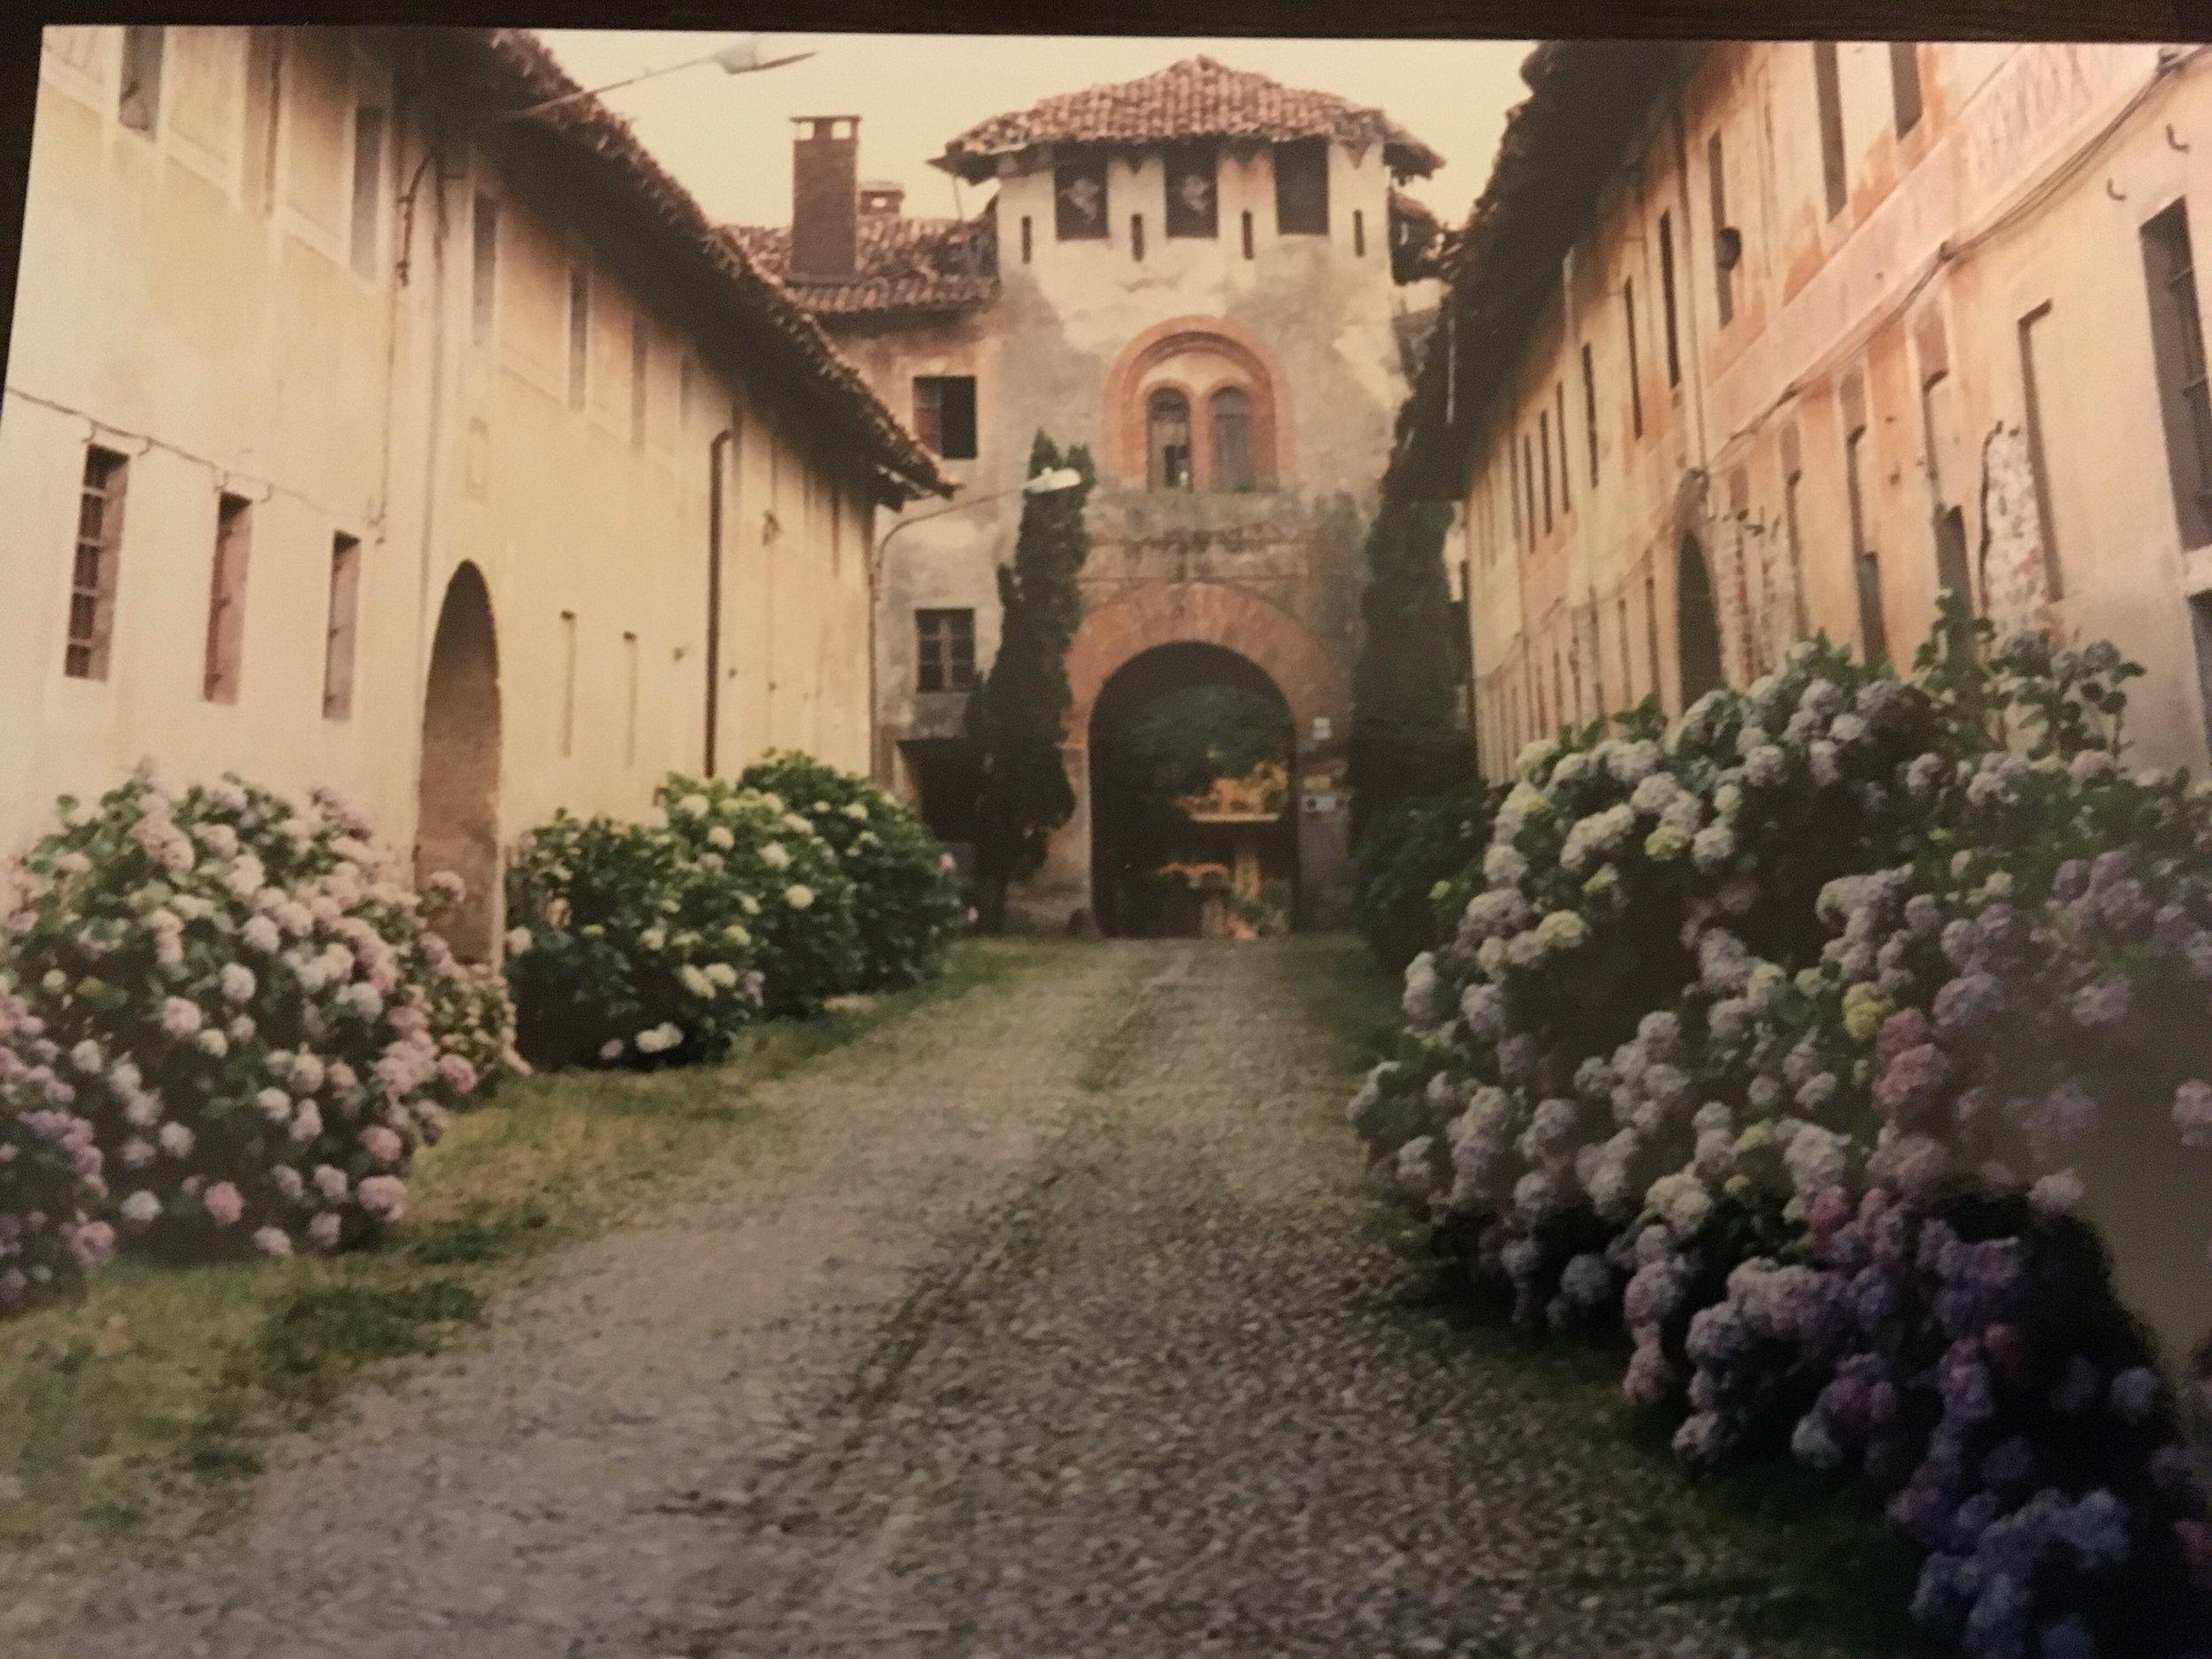 Vizzola Ticino, 1996